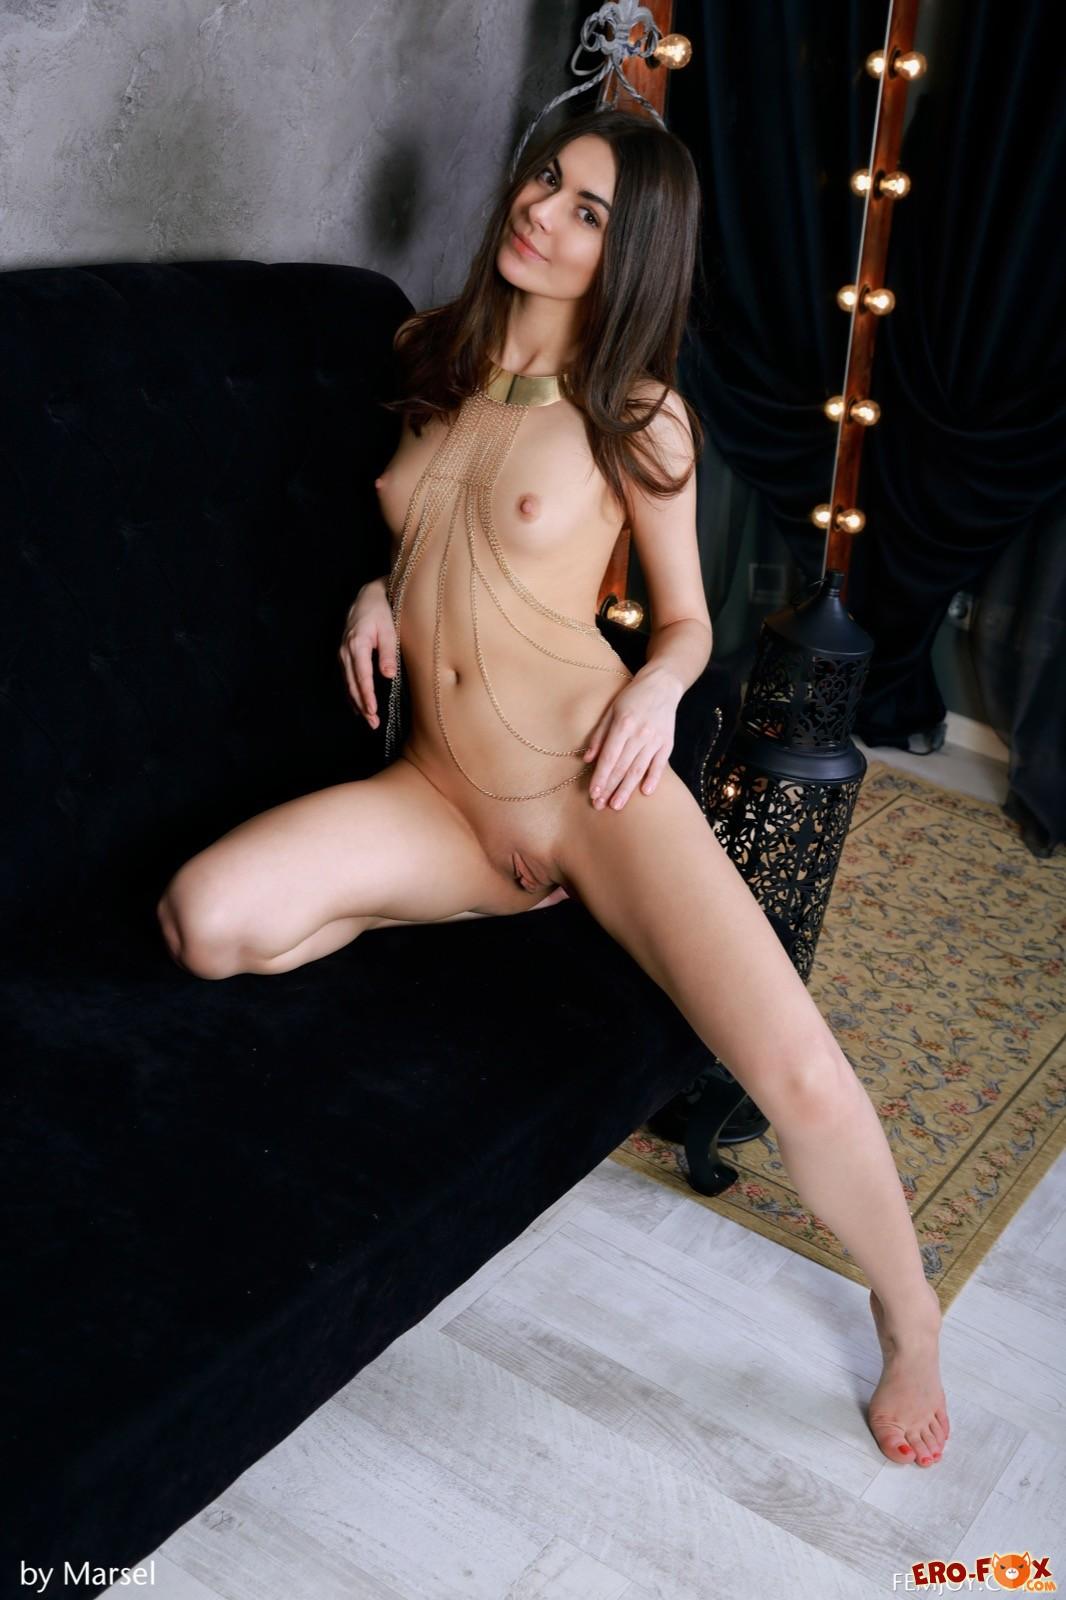 Красивая девушка с маленькой грудью .